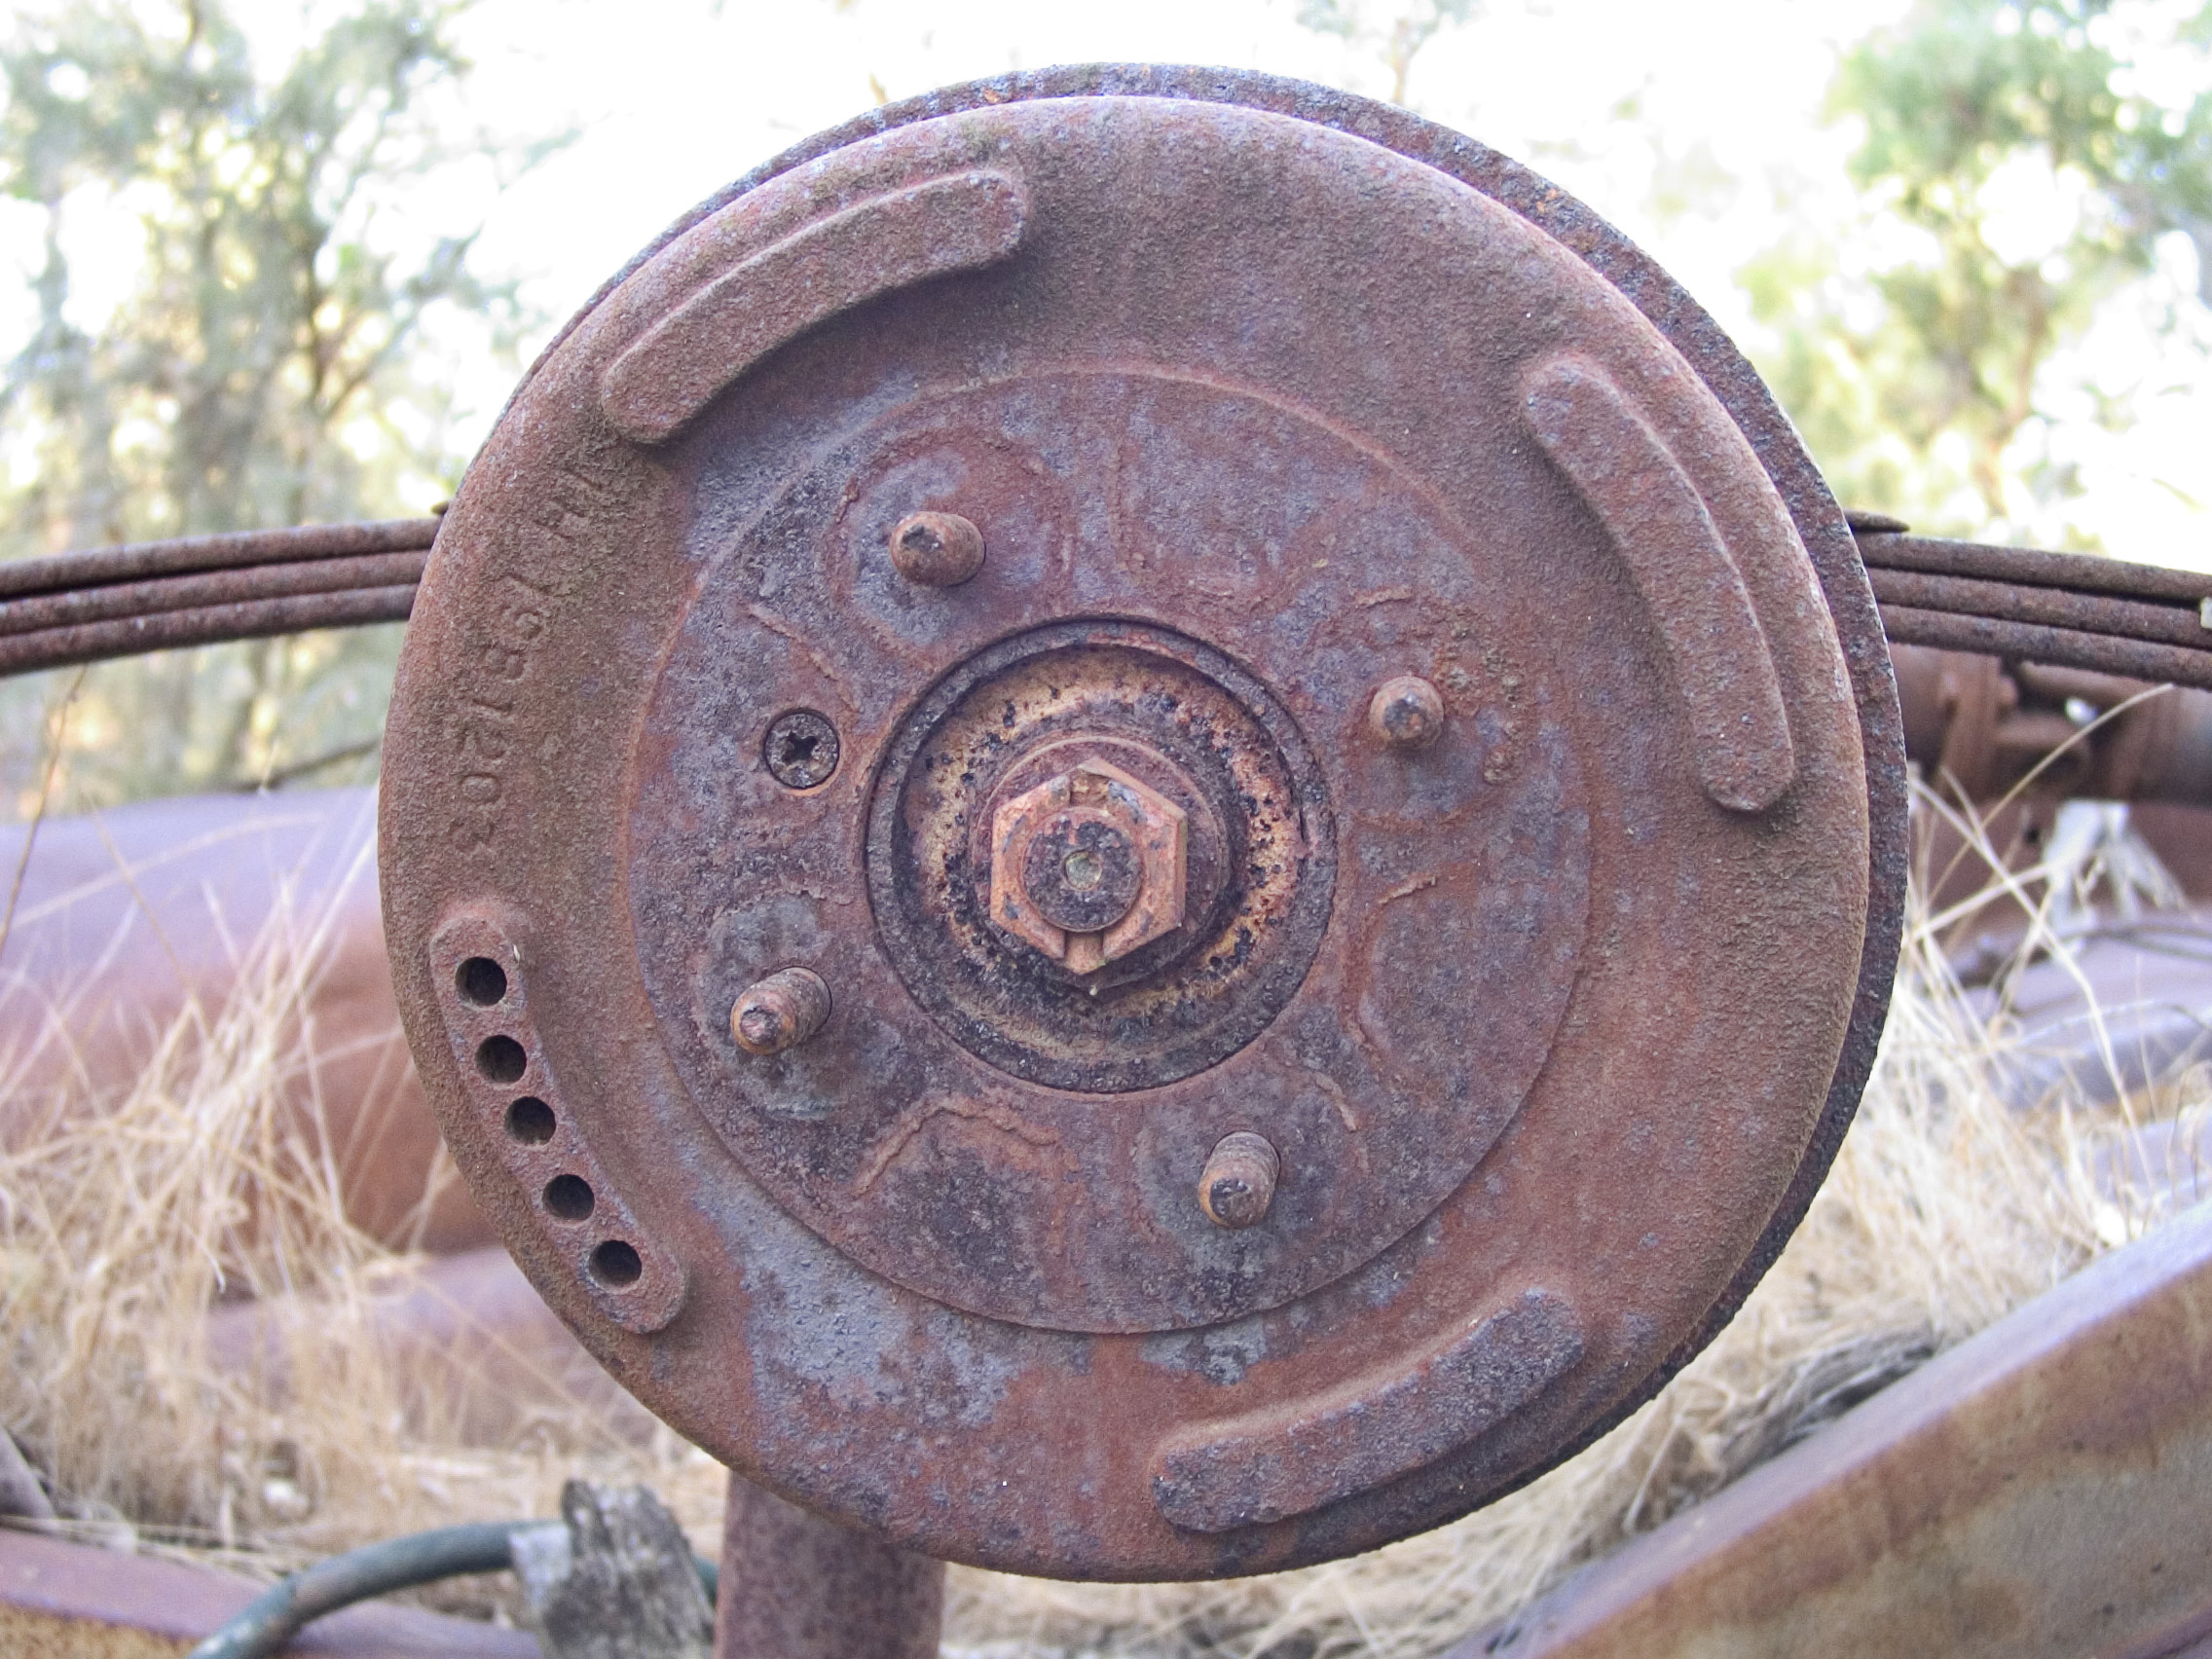 Bubnové brzdy – z čoho sa skladajú a aké sú ich výhody?